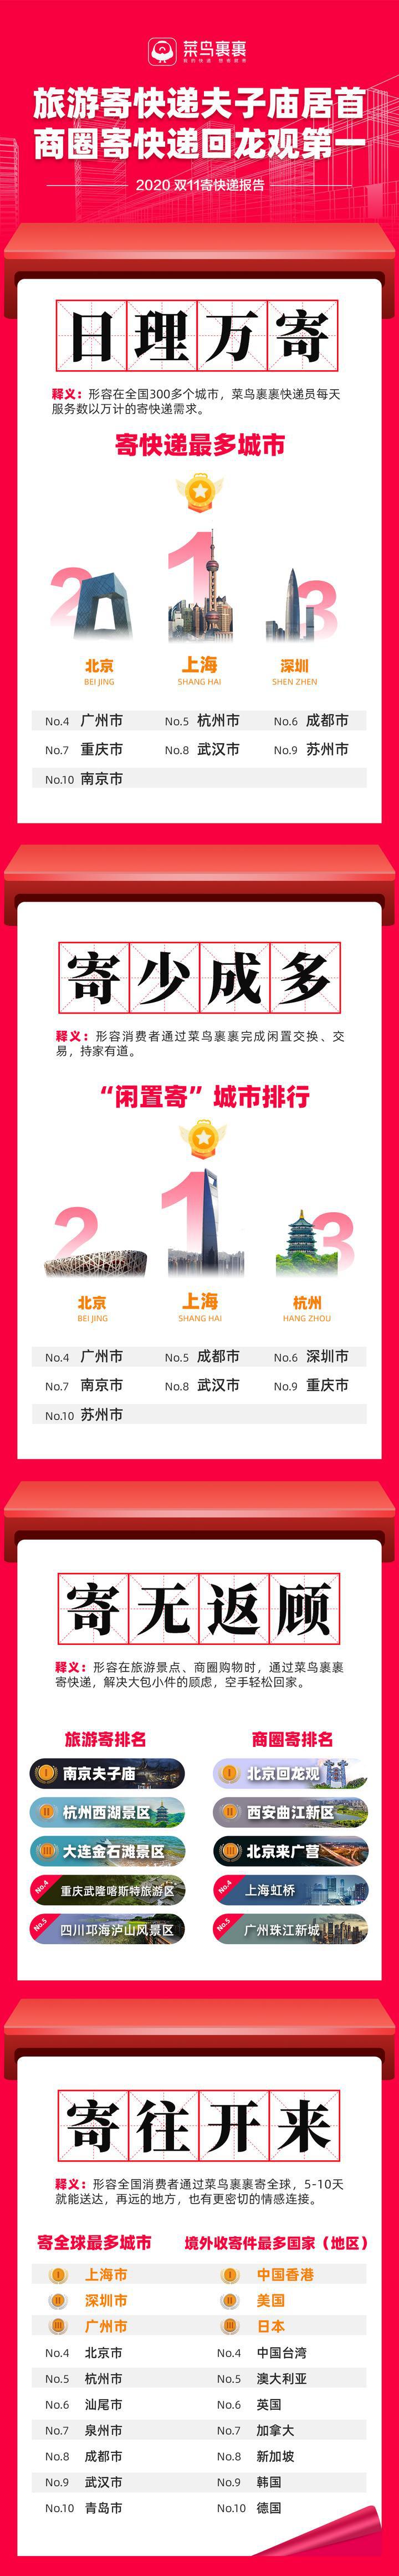 菜鸟裹裹双11寄快递报告:上海是寄件最多城市